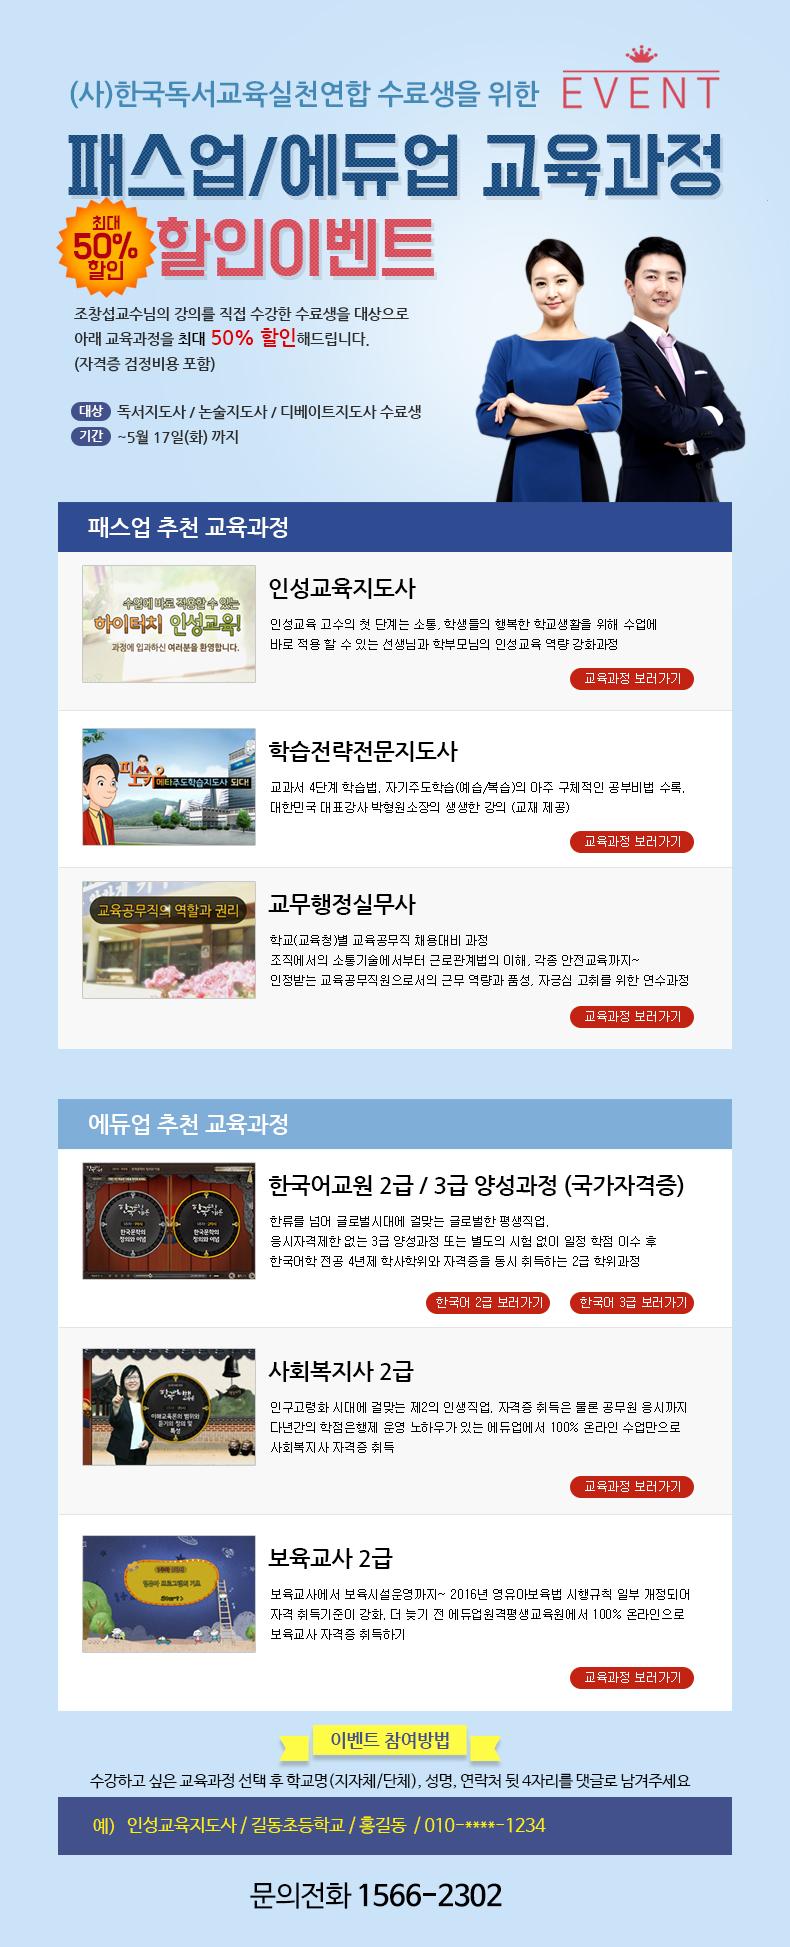 한국독서교육실천연합 이벤트